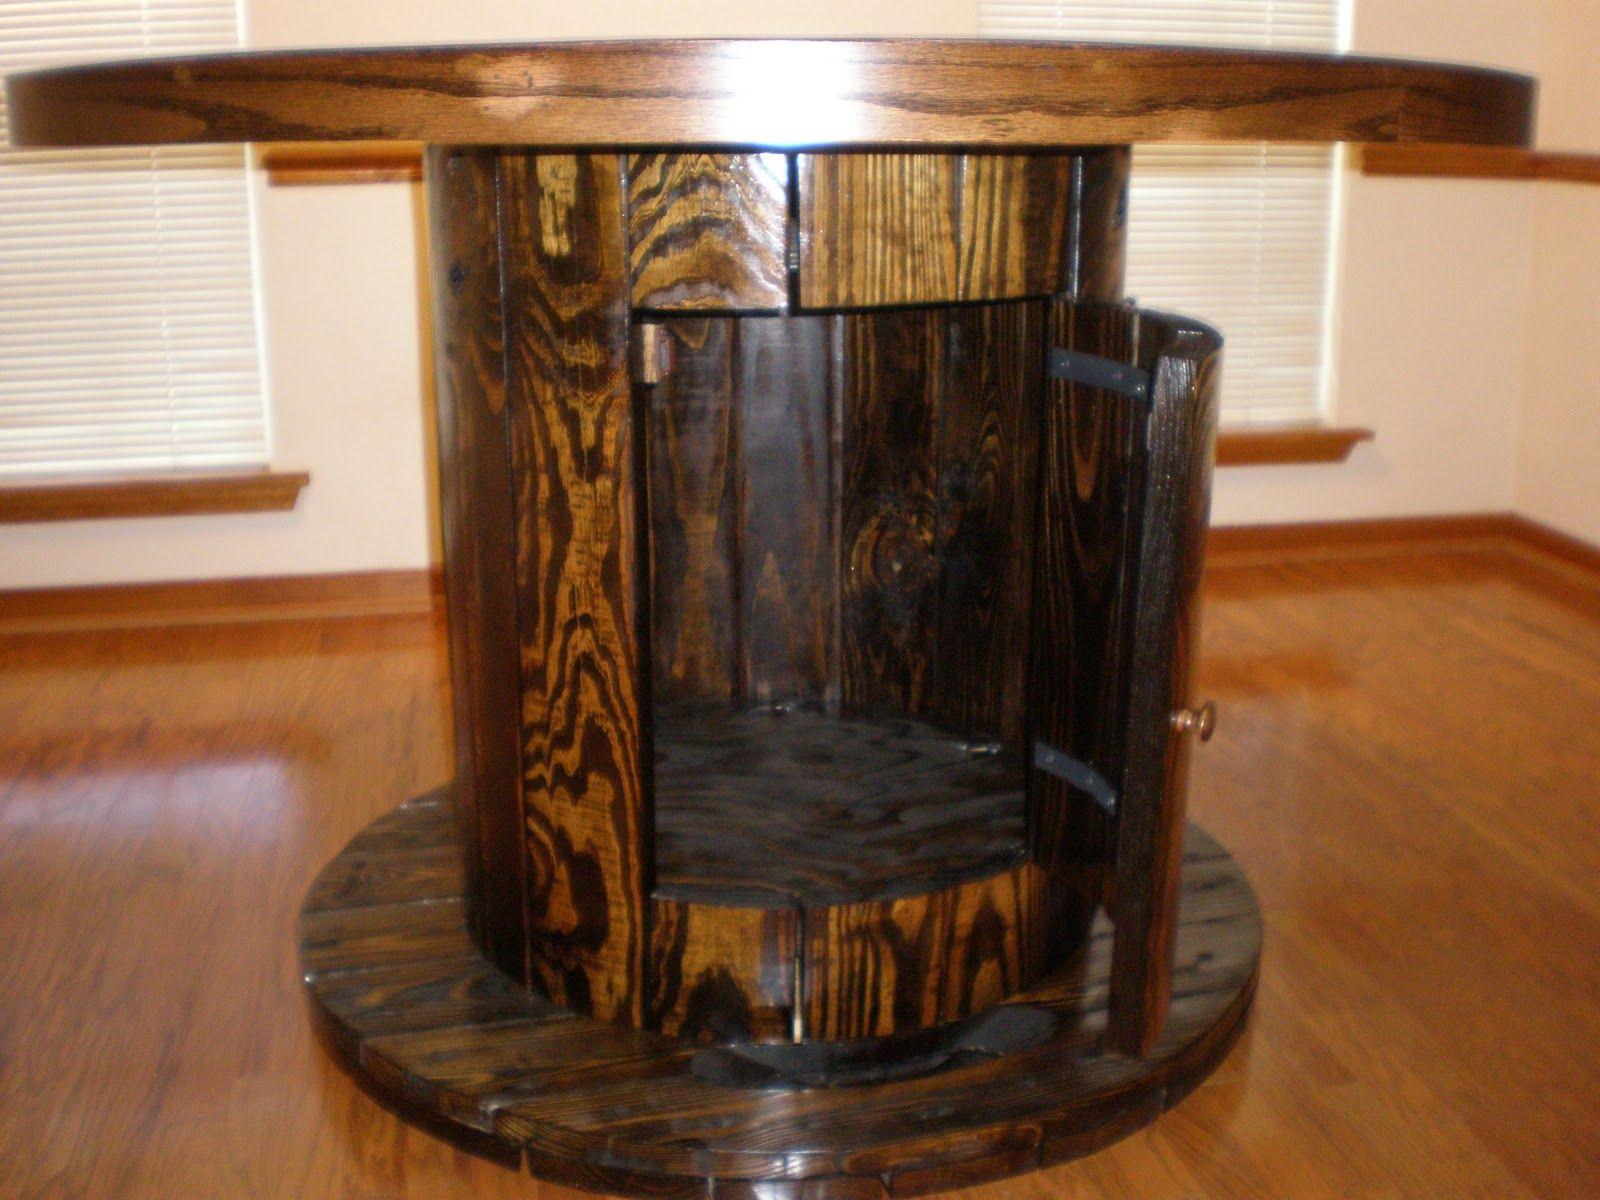 Pinterest Wooden Spools